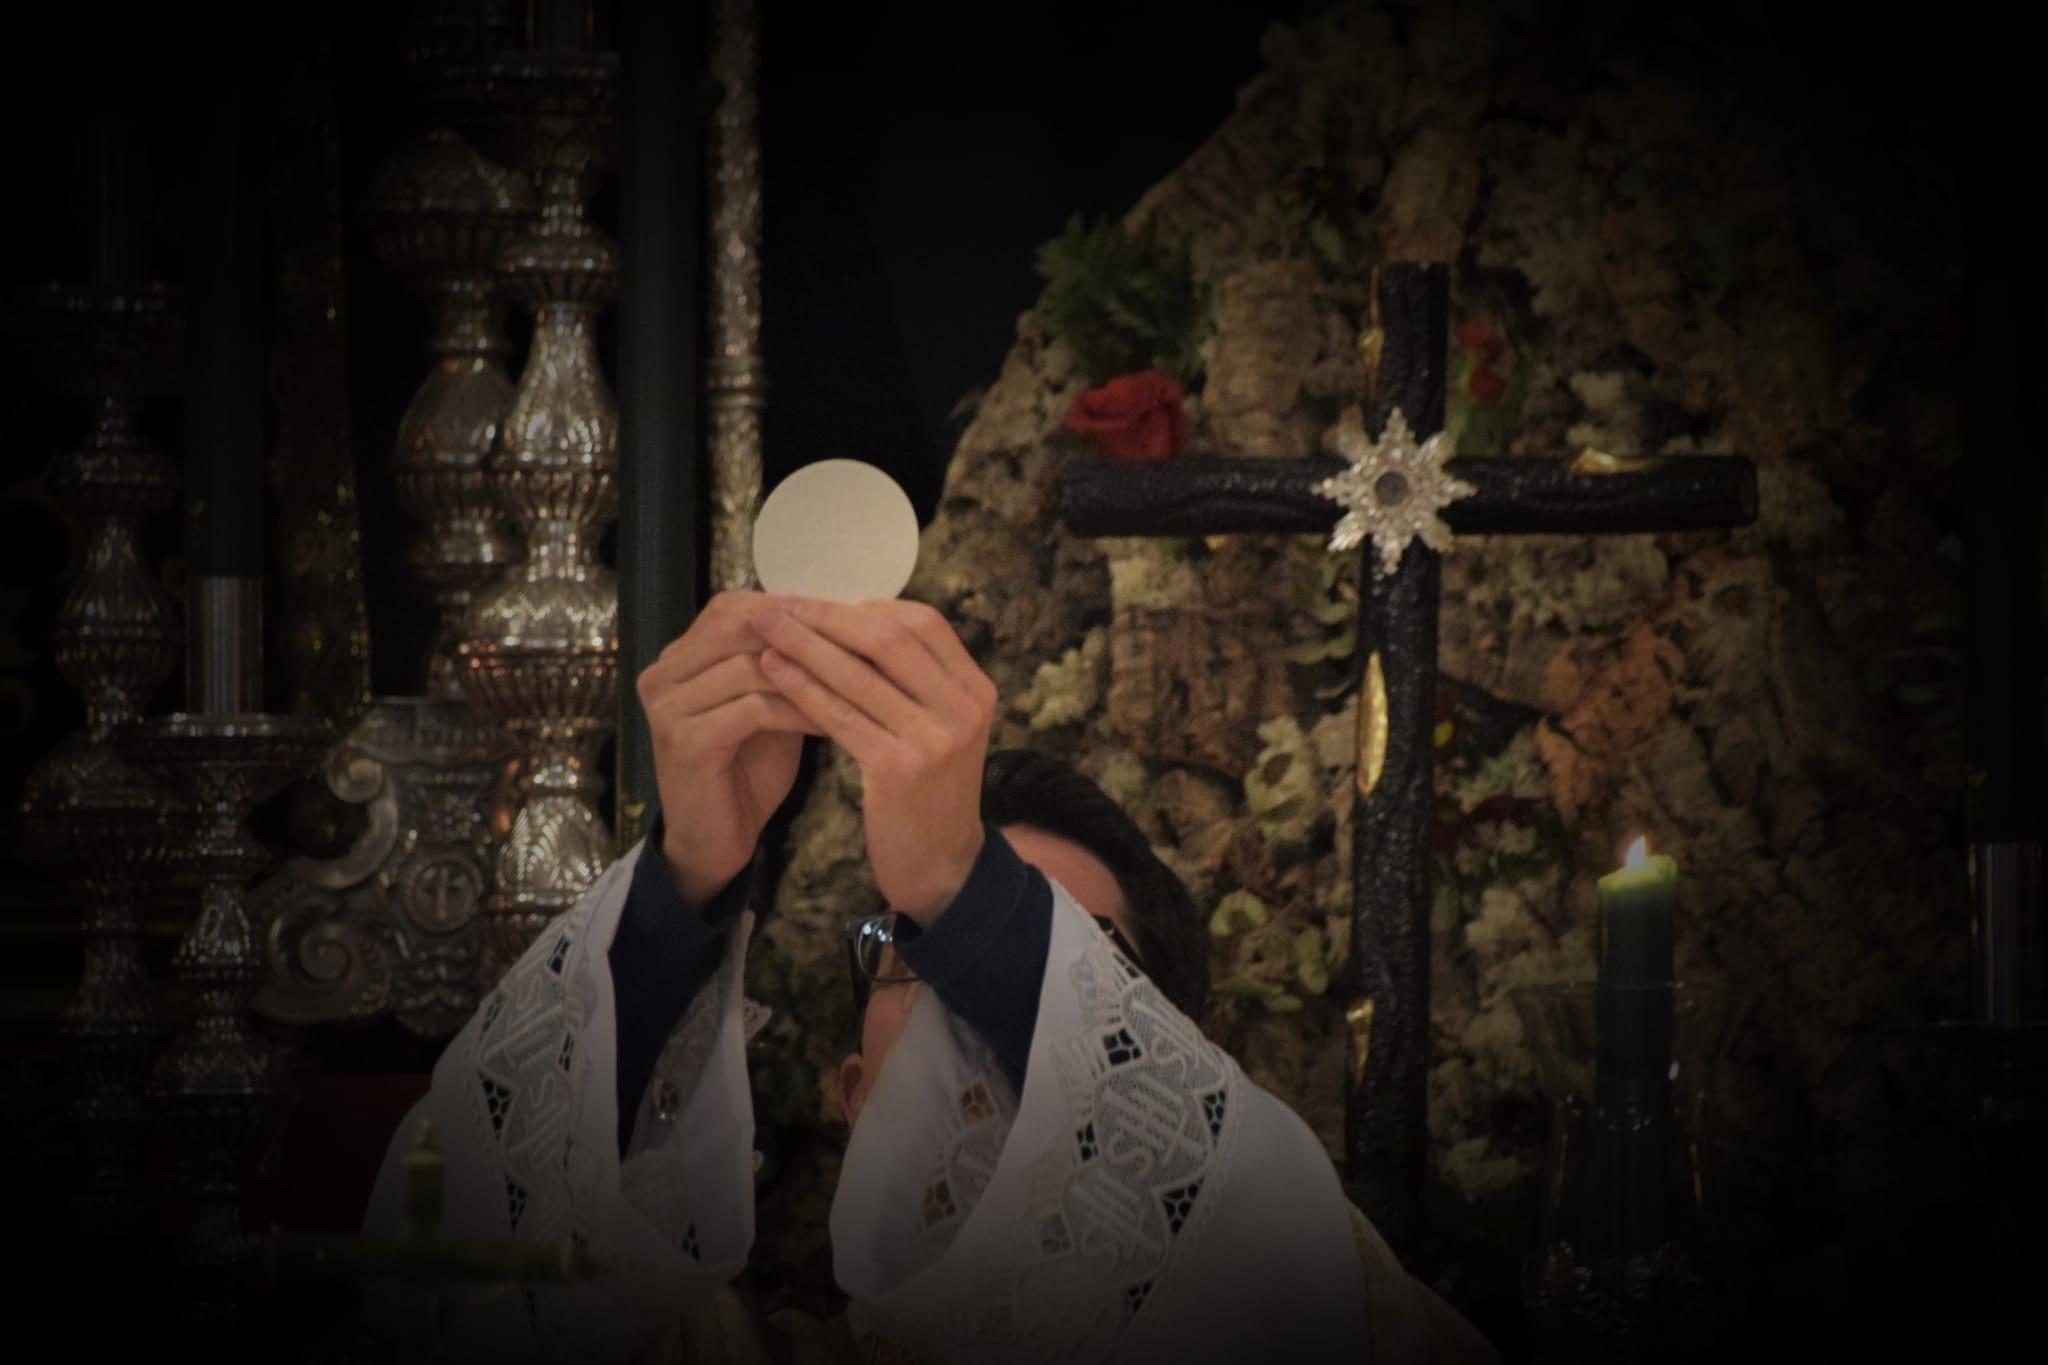 ¡Sea por siempre exaltada la Santa y Verdadera Cruz!